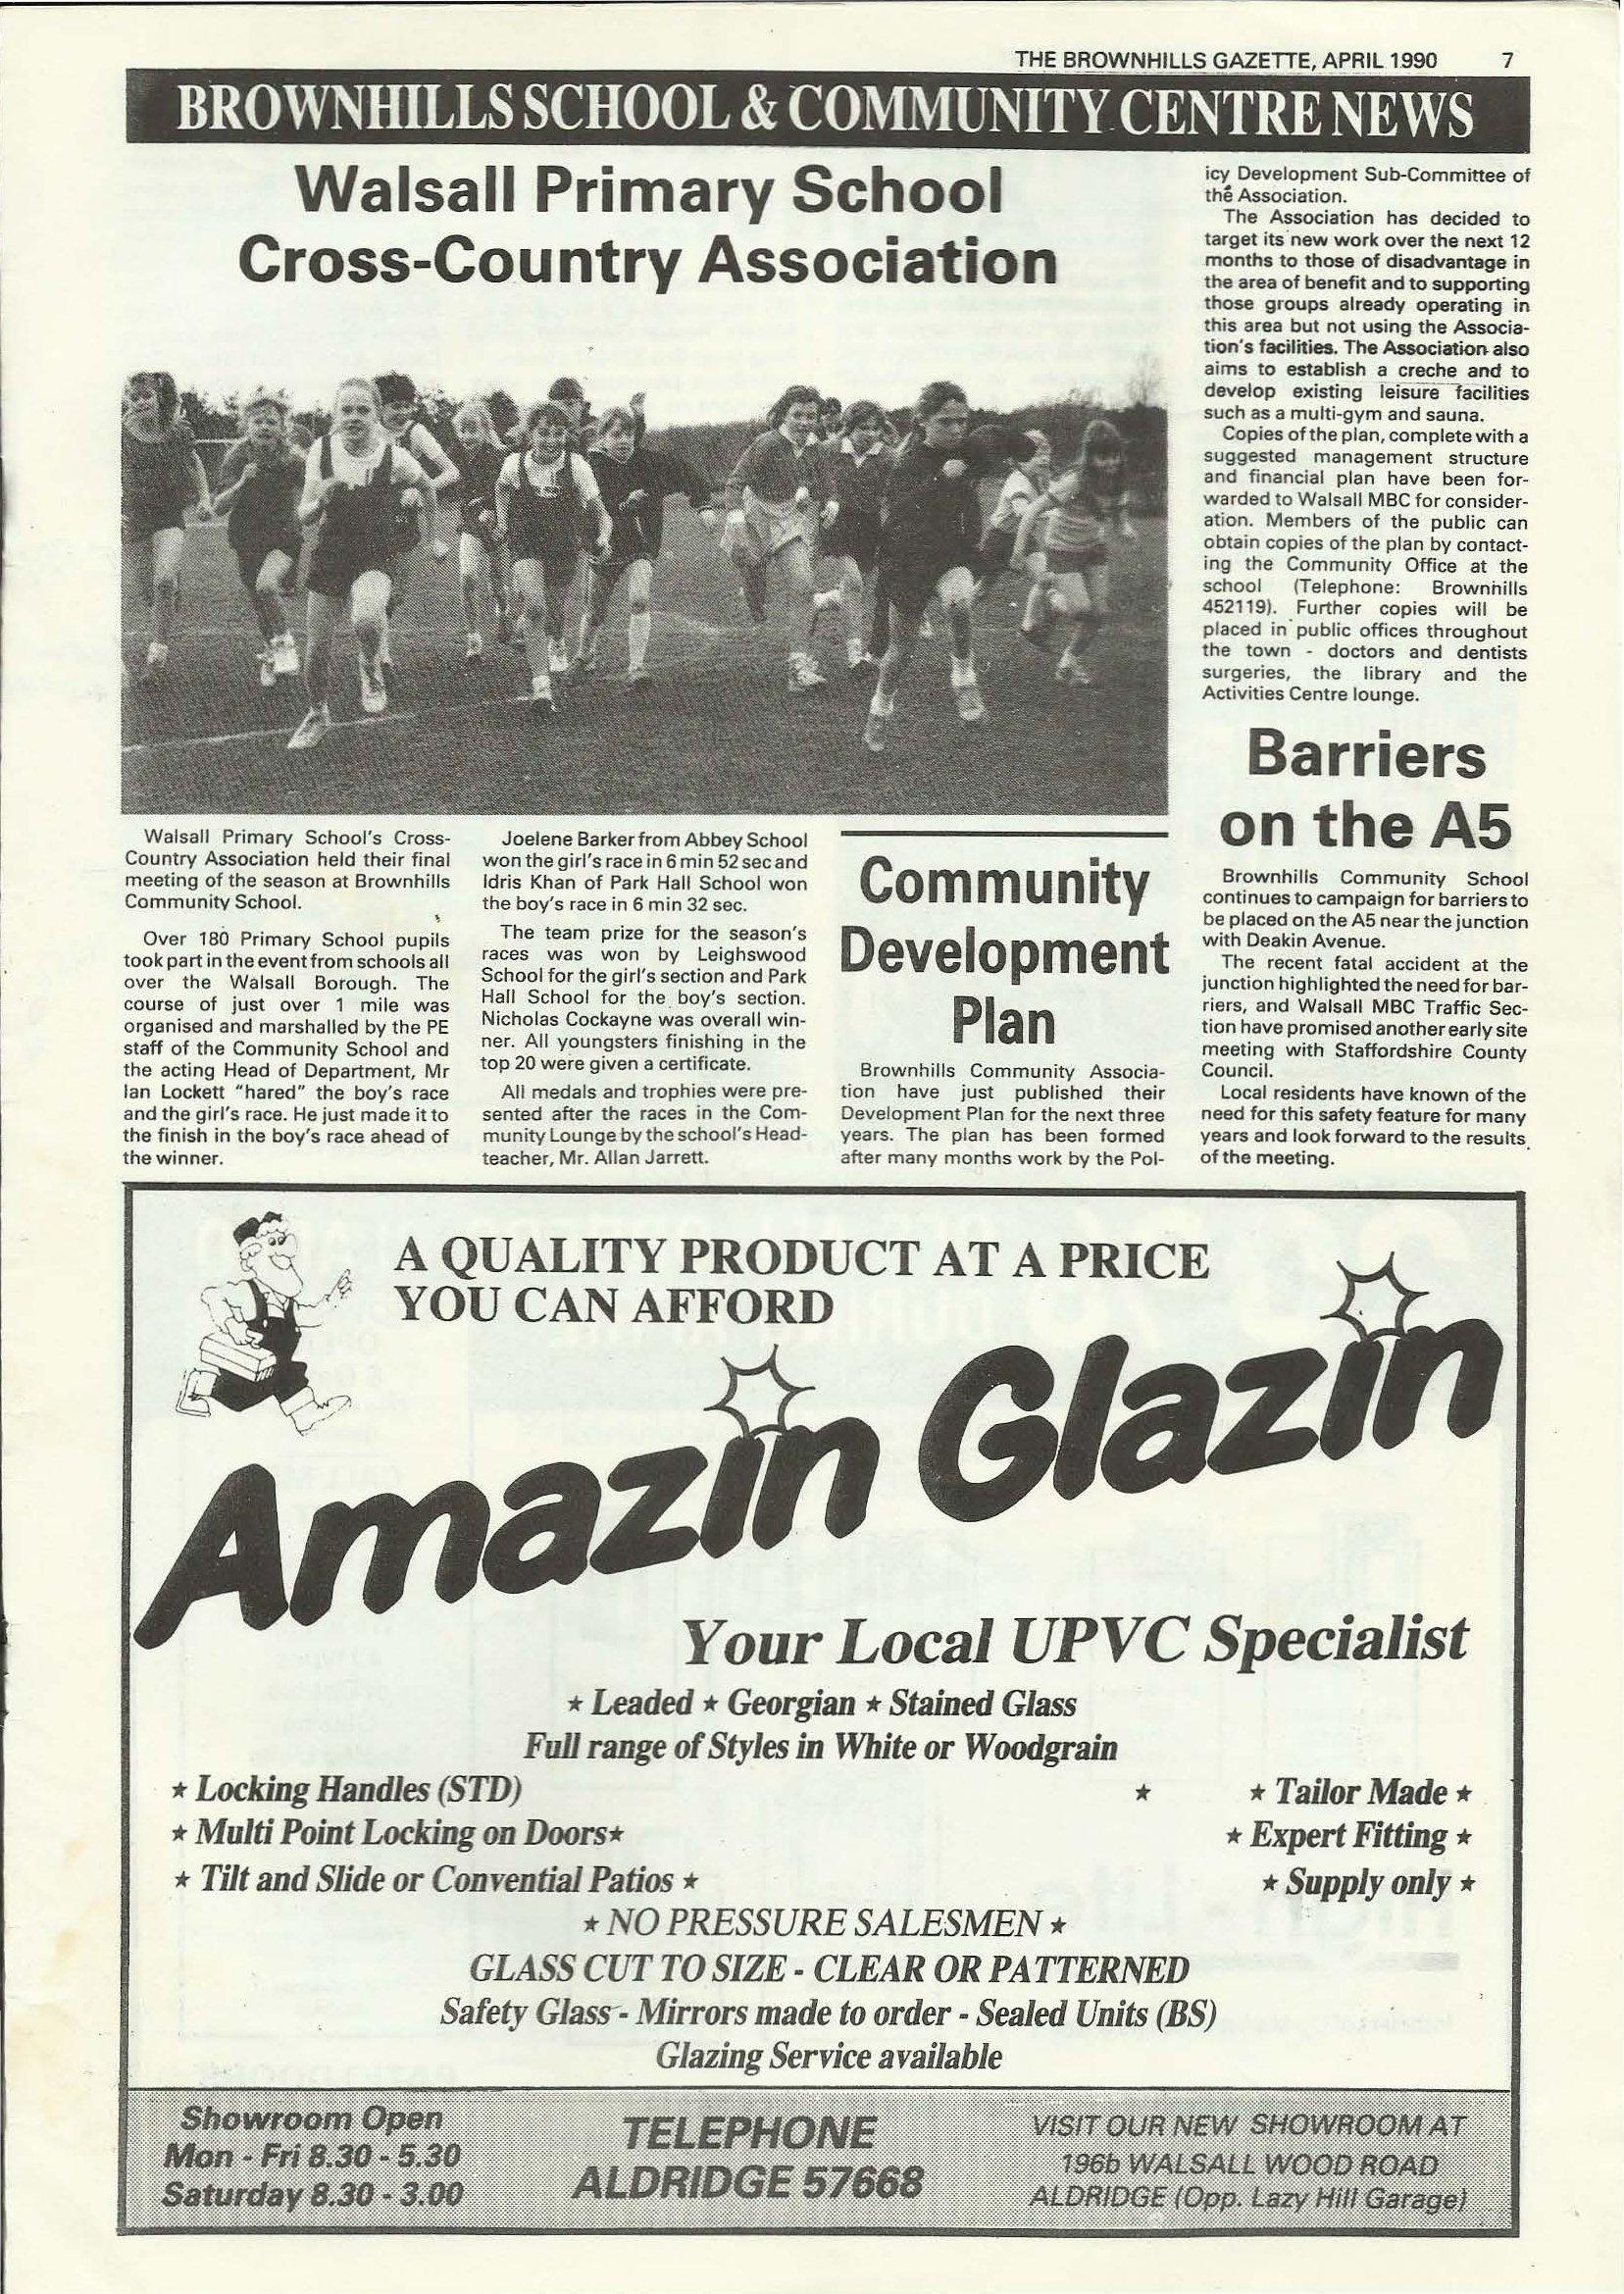 Brownhills Gazette April 1990 issue 7_000007